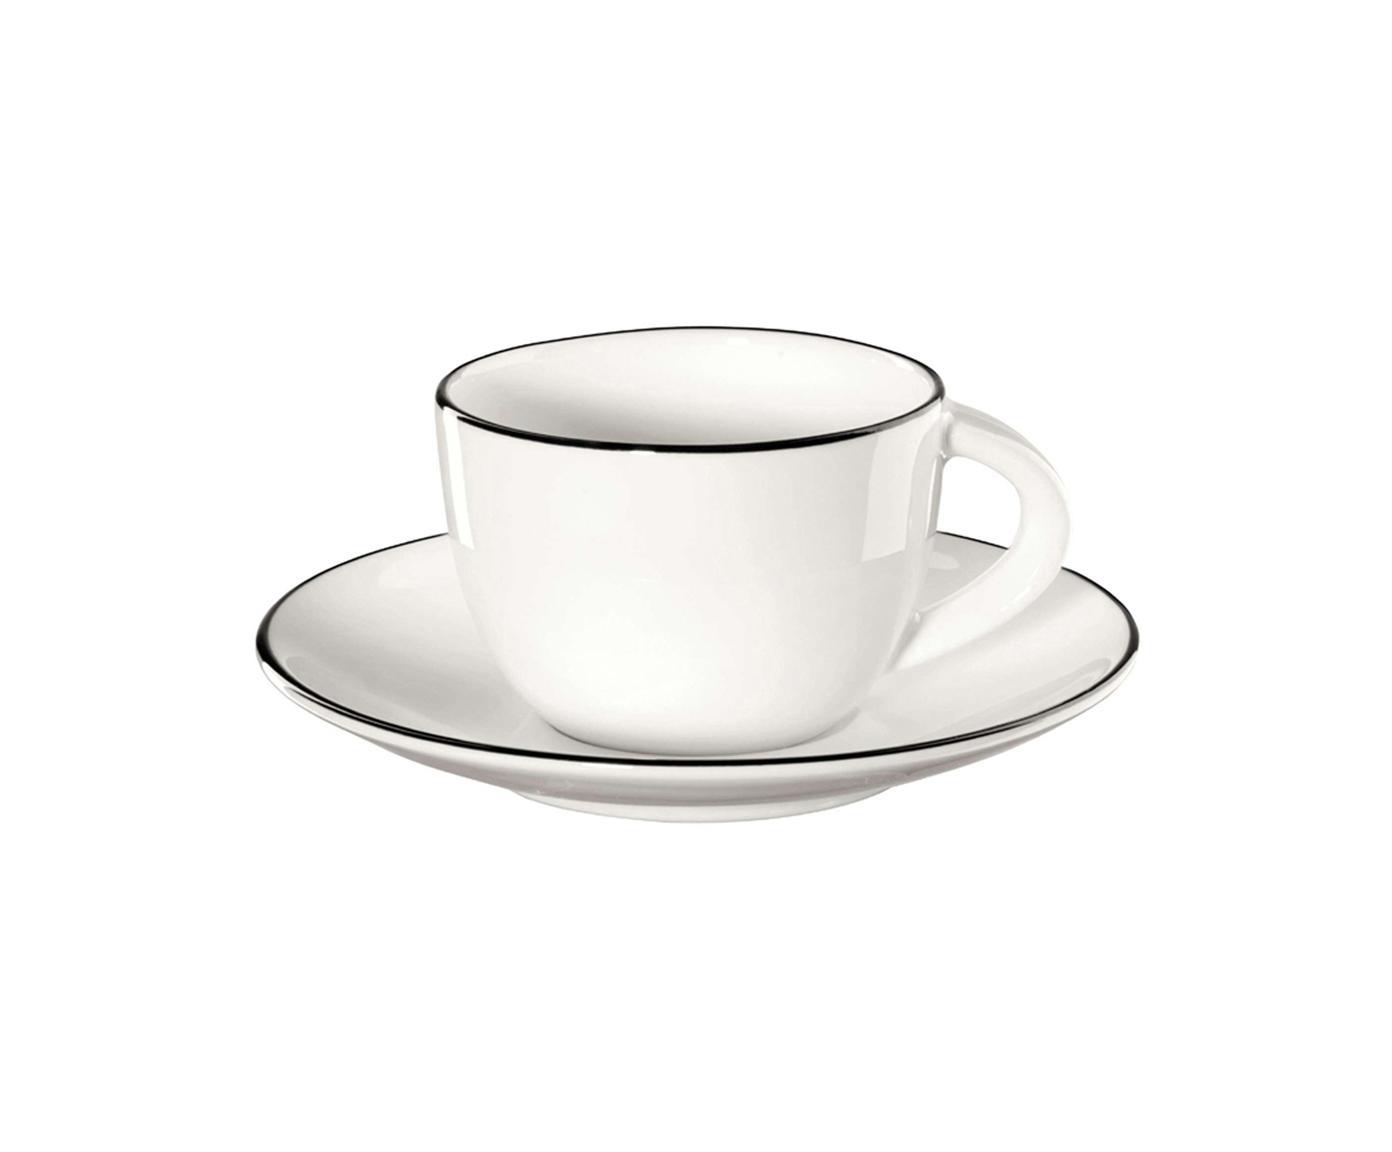 Espressotassen mit Untertassen á table ligne noir mit schwarzem Rand, 4 Stück, Fine Bone China, Weiß<br>Rand: Schwarz, Ø 6 x H 5 cm